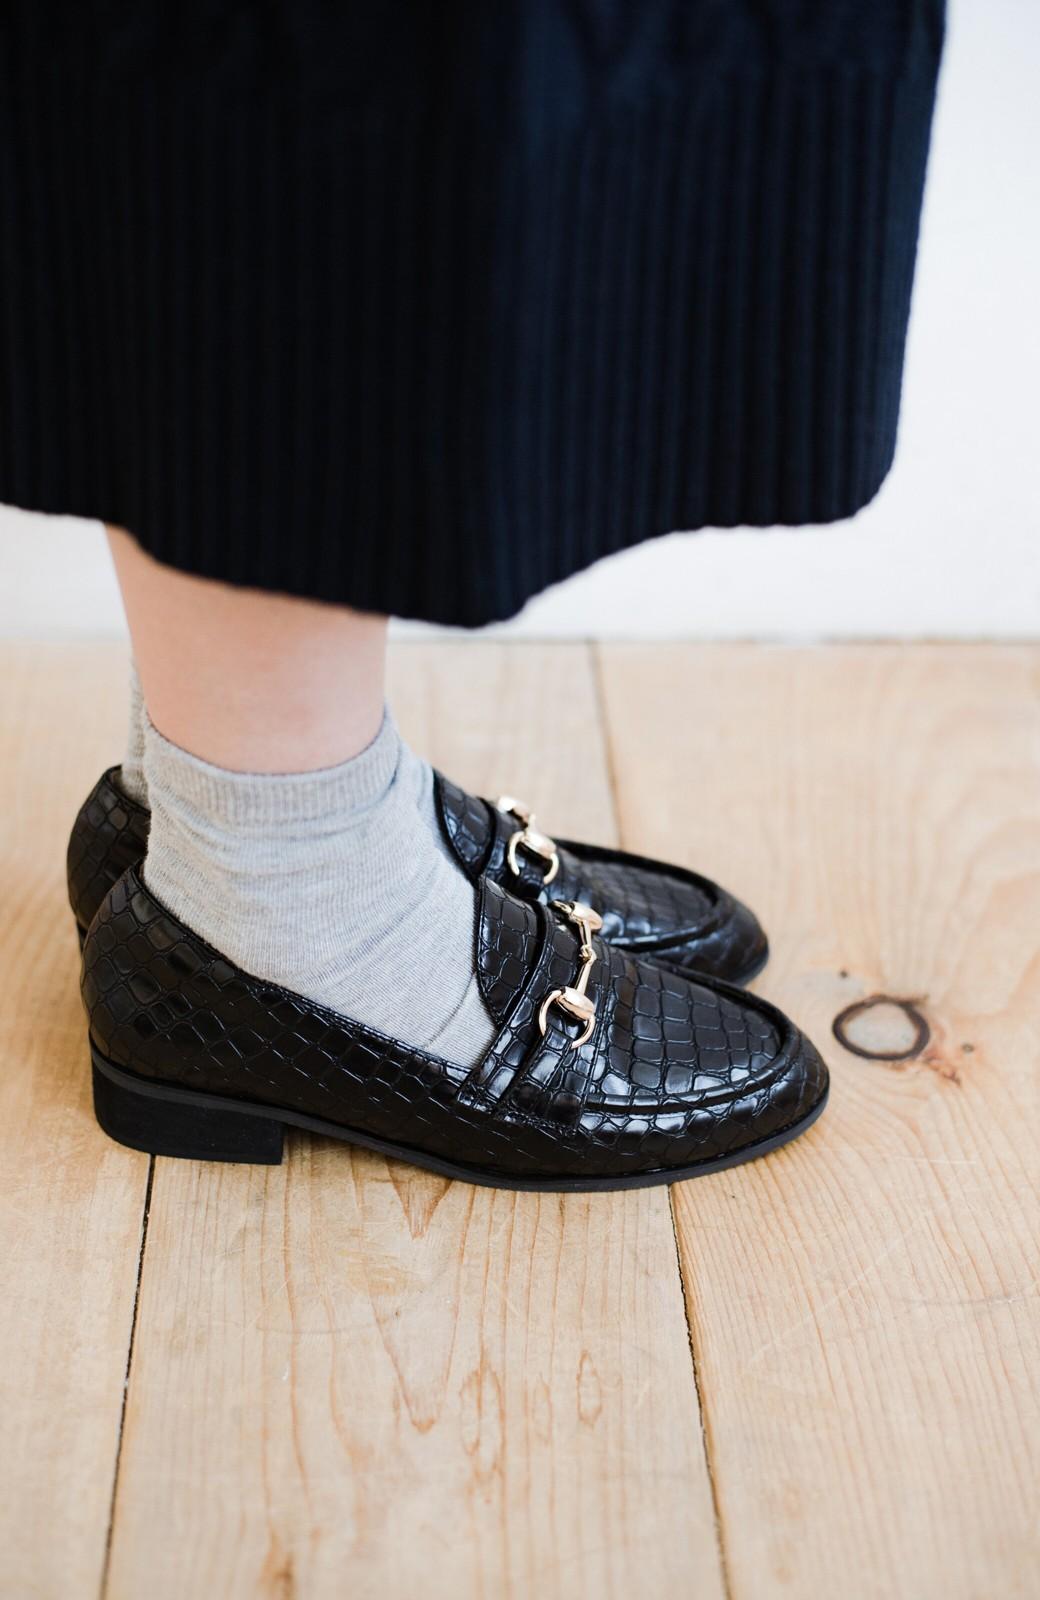 haco! 楽ちんなのにパッと履くだけでかっこよくなれる パイソン風ビットローファーby que made me <ブラック>の商品写真7